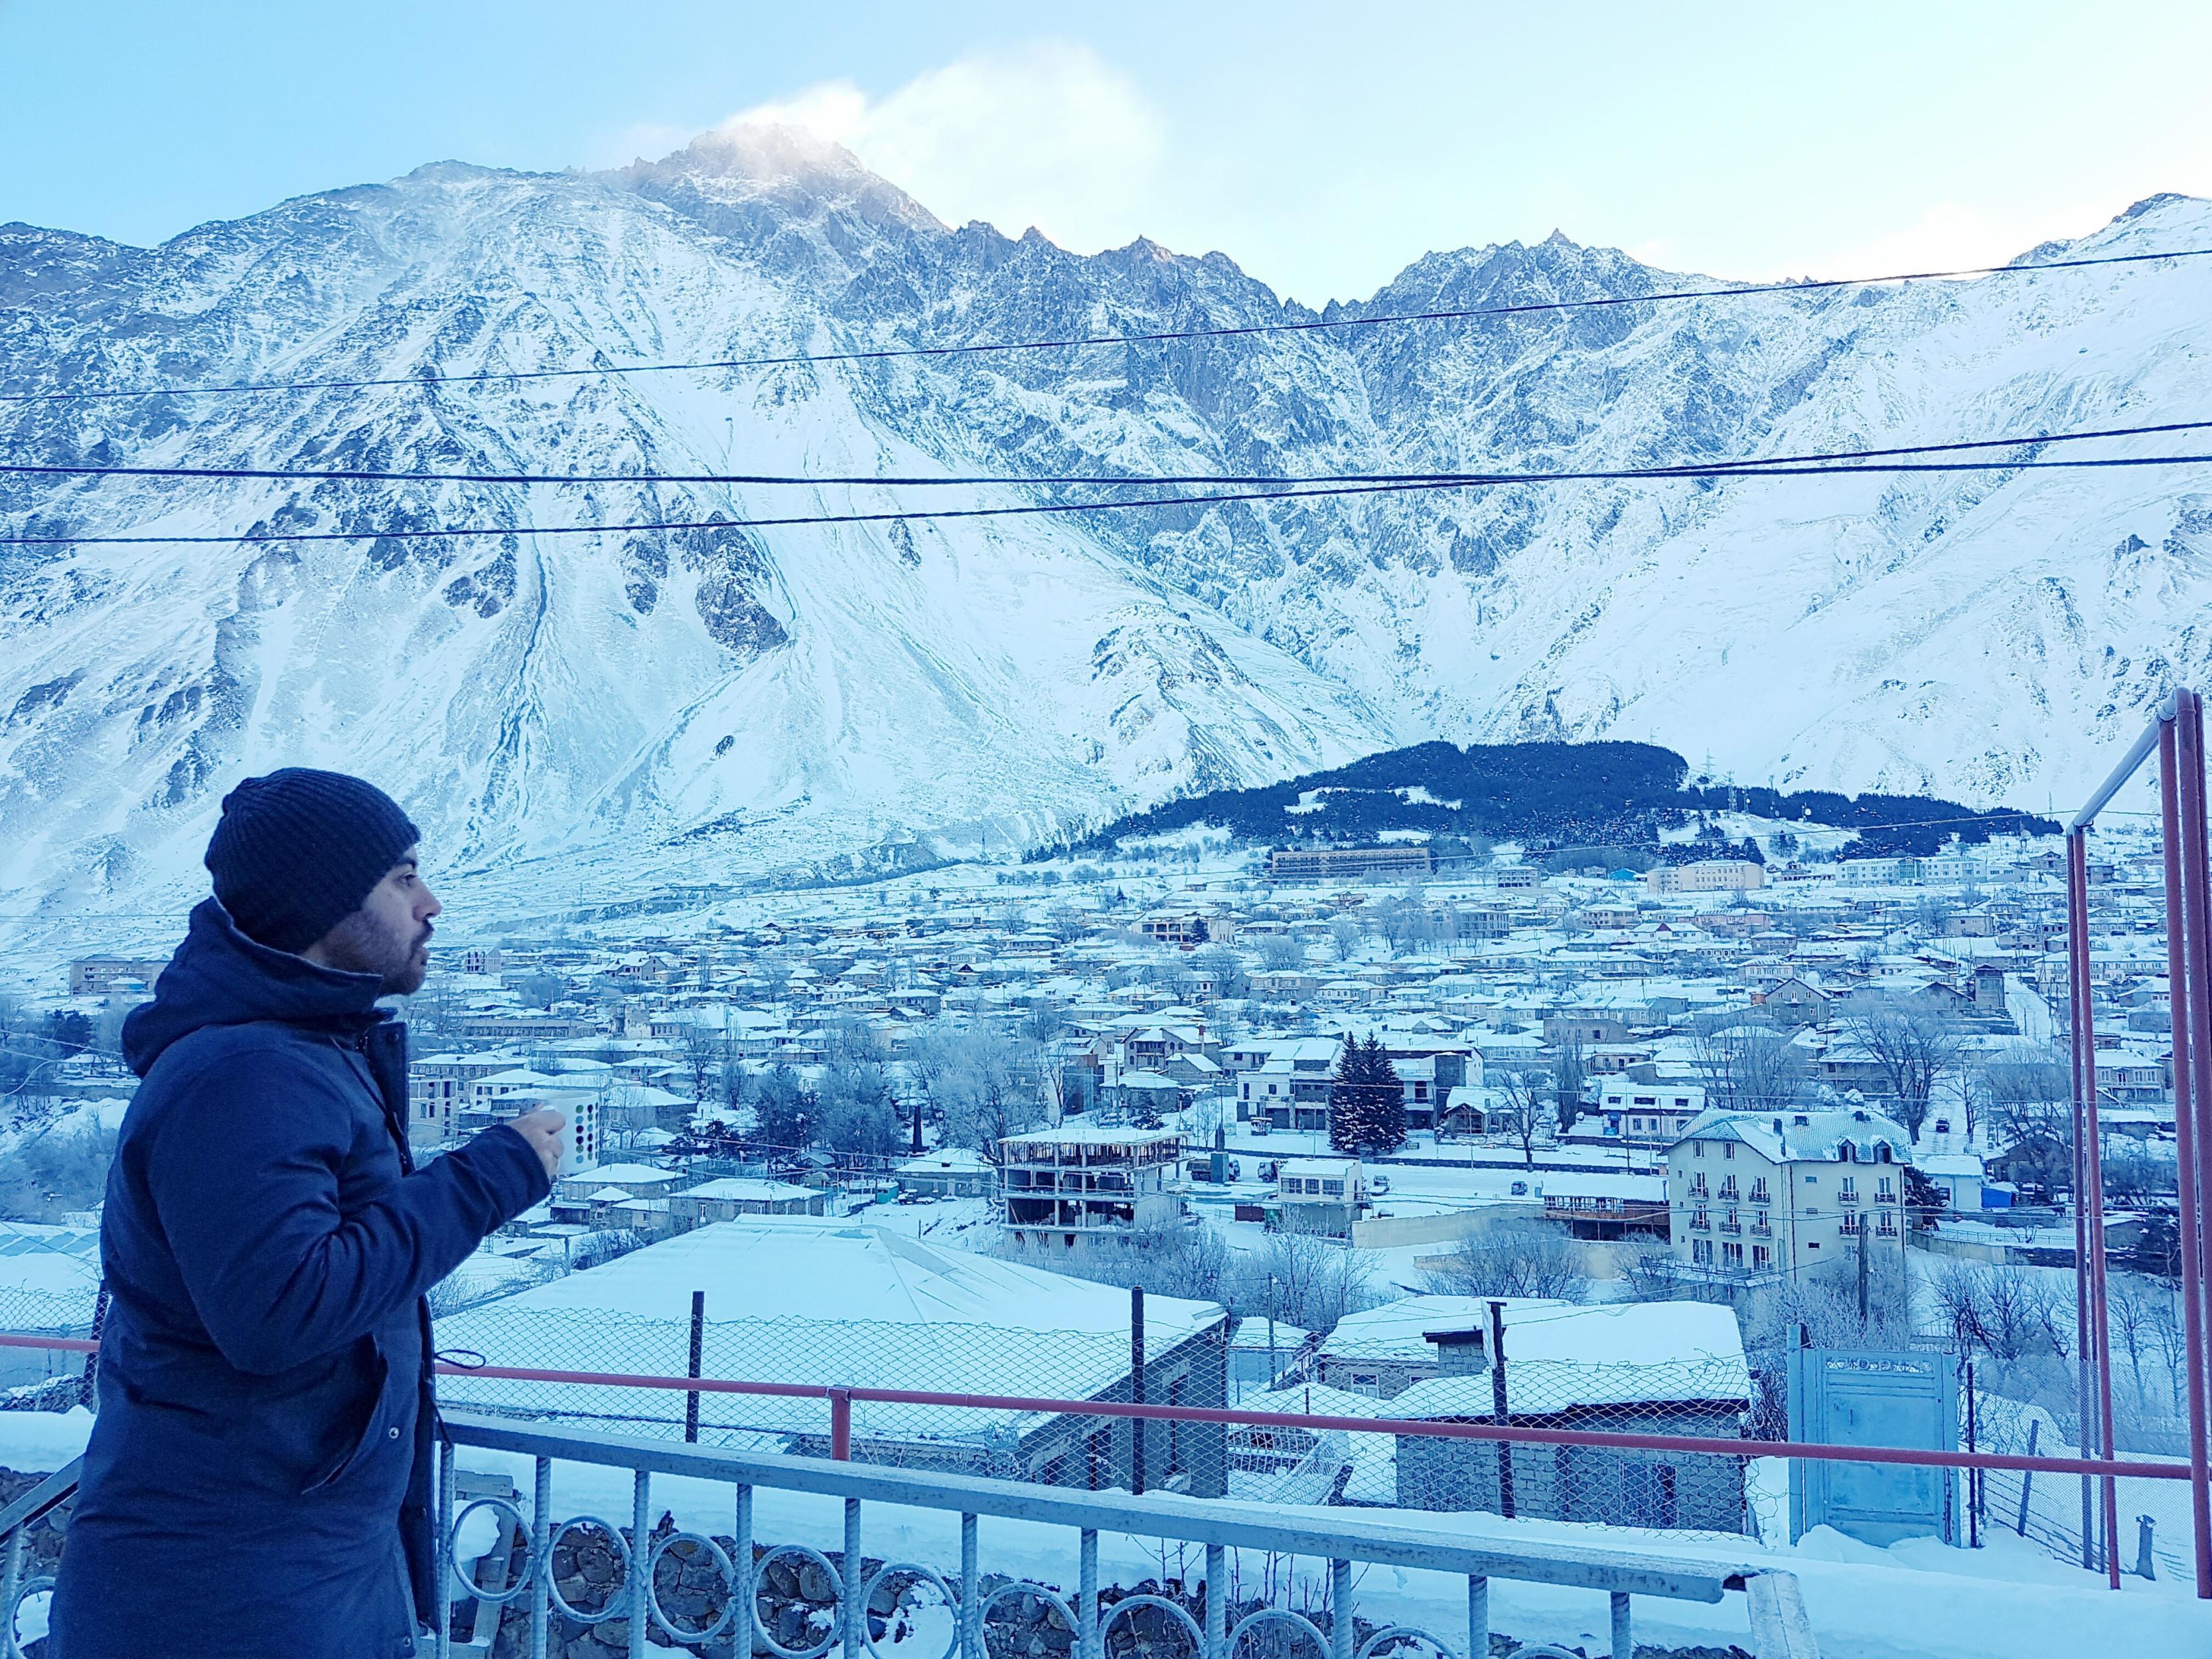 صور كم باقي على الشتاء , شرح كيف تعرف كم باقي علي الشتاء